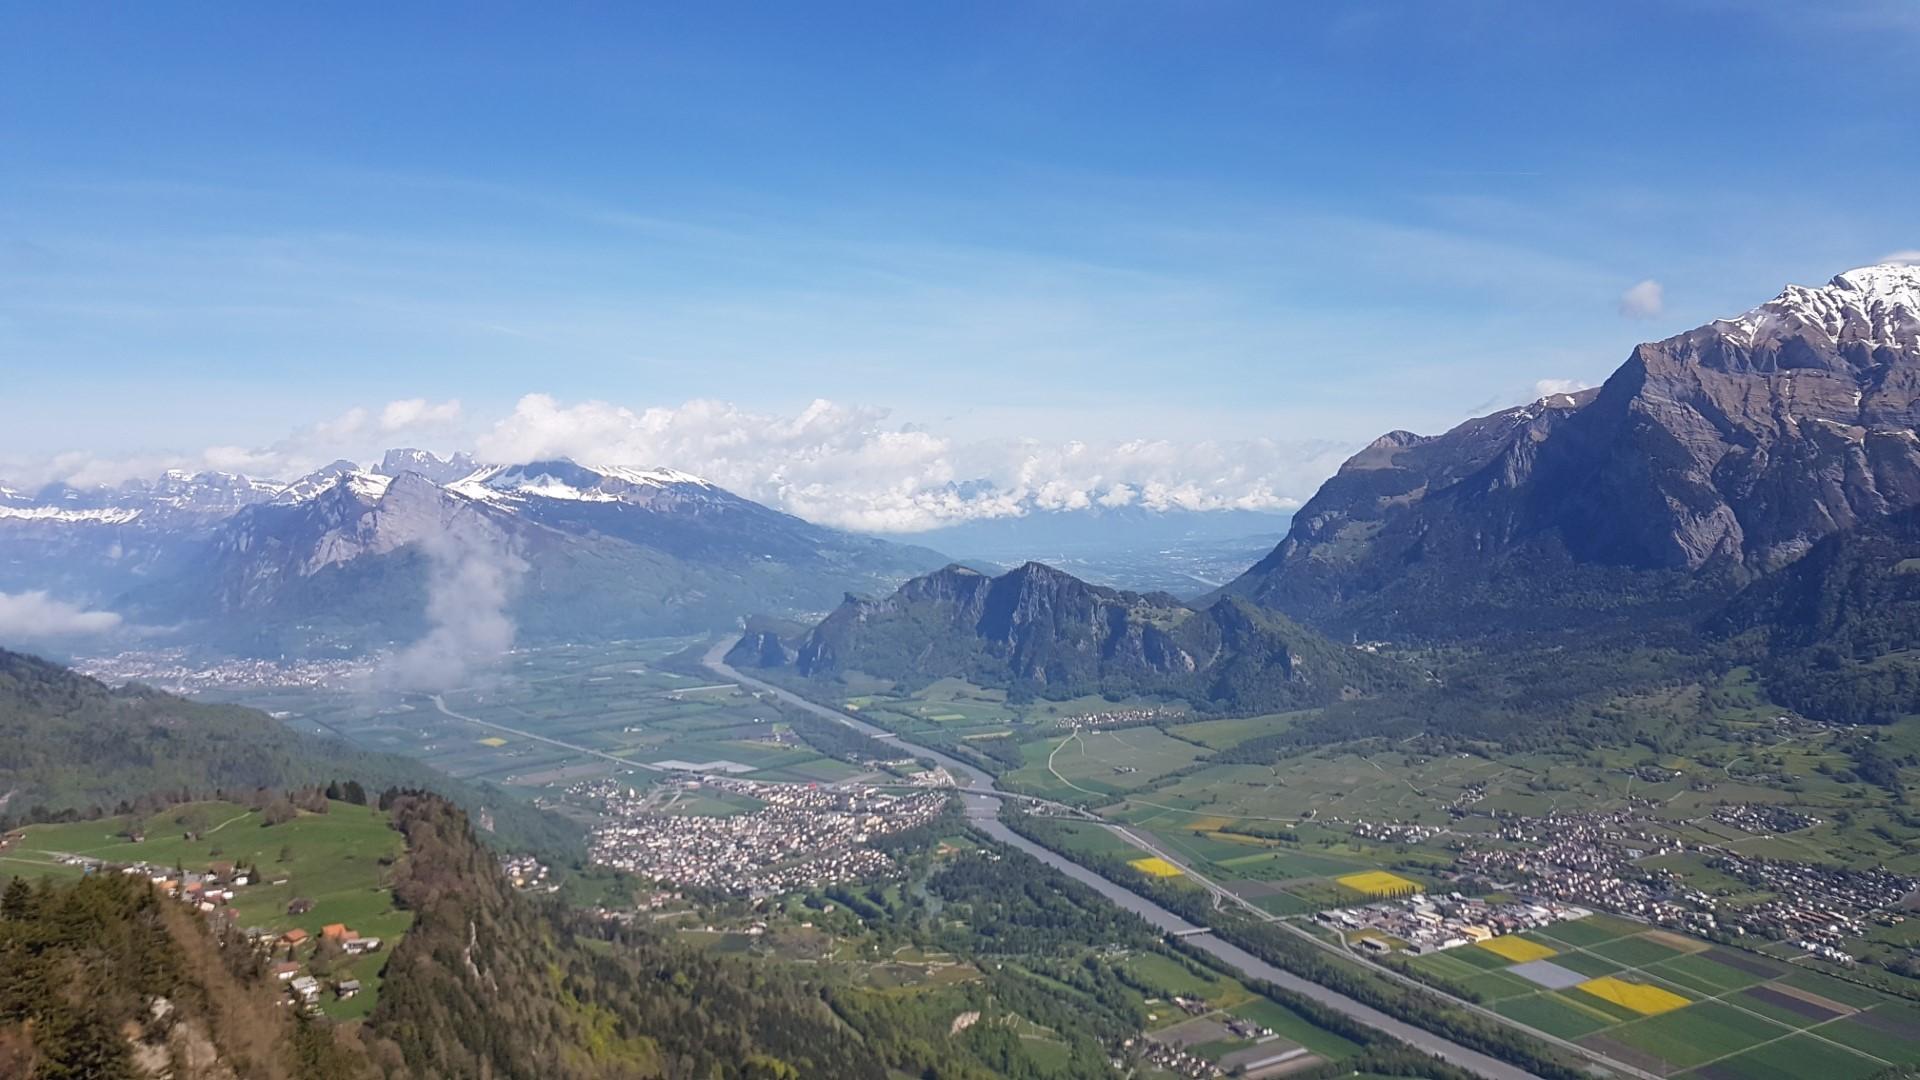 Gemütliche Wanderung zum Pizalun Gipfel